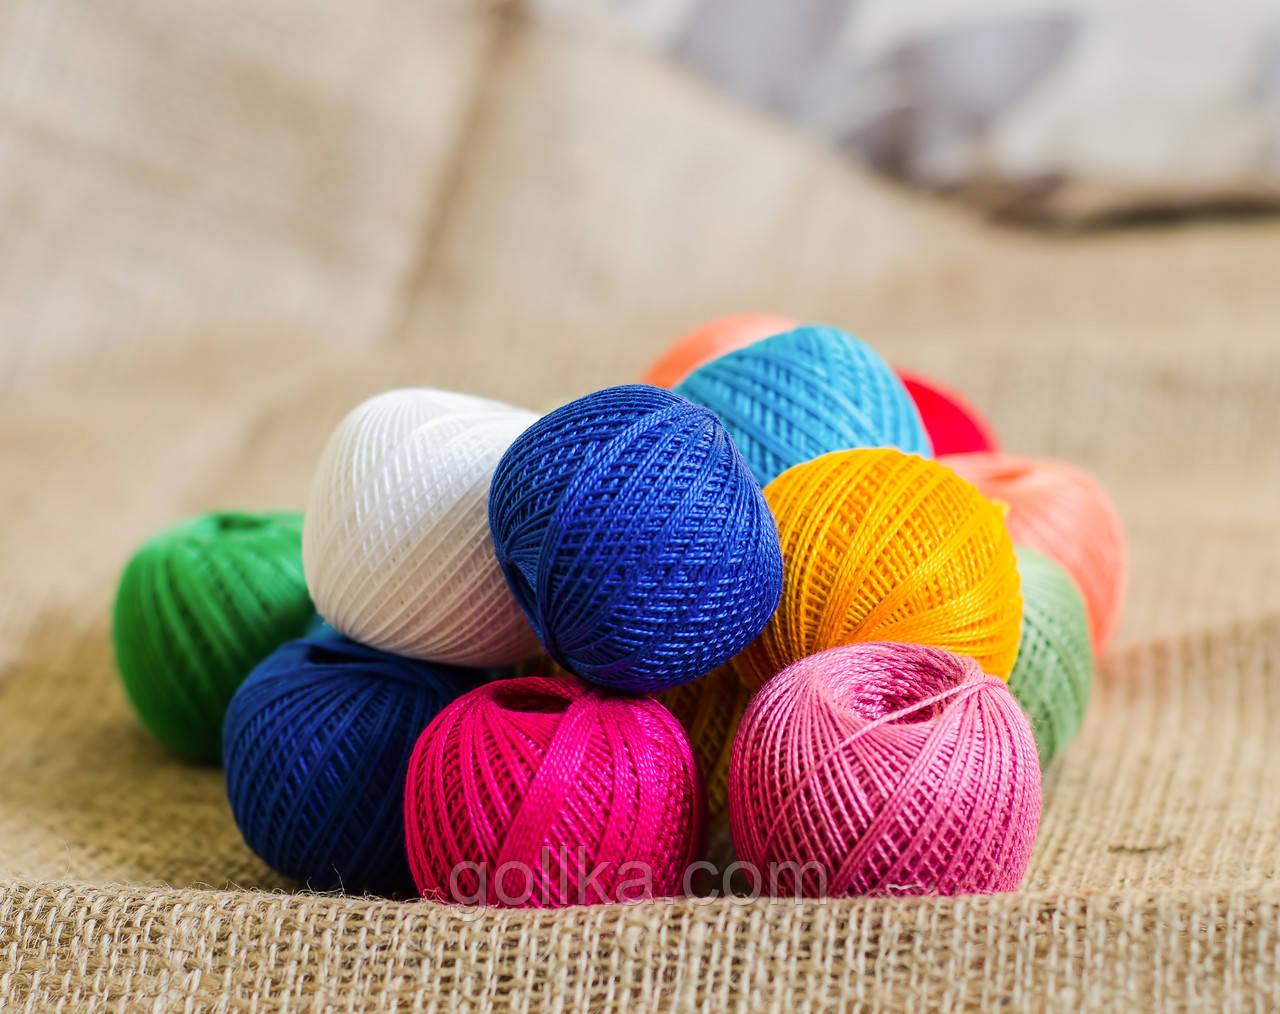 Нитка ирис купить ткань для постельного белья в розницу ростов на дону